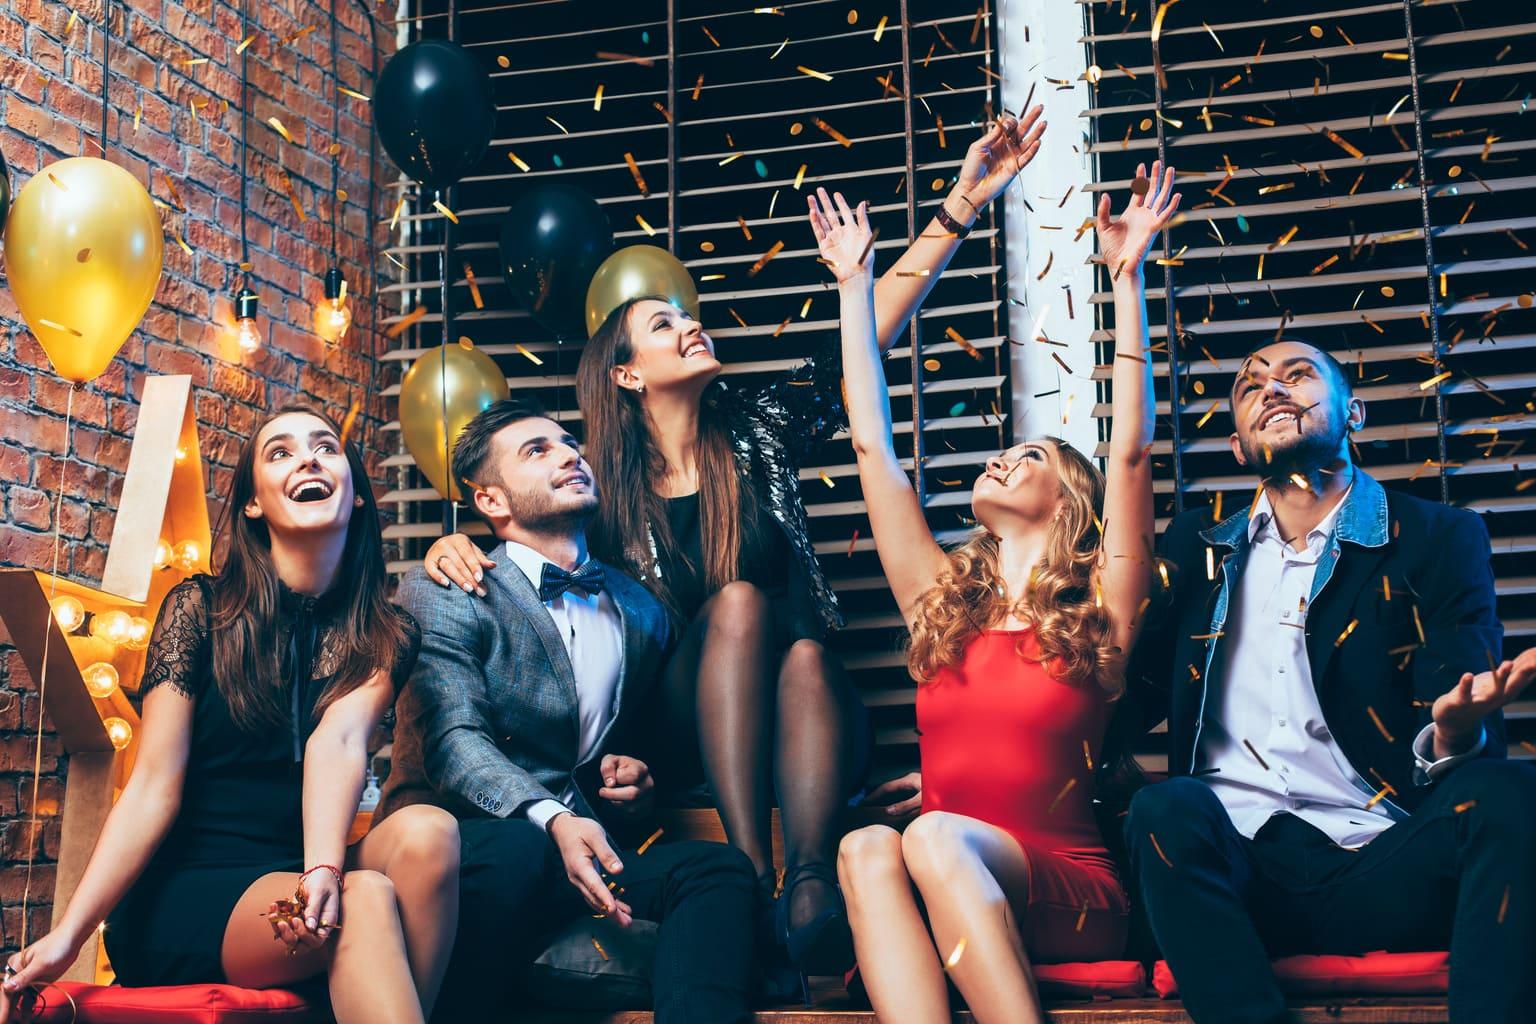 mensen vieren feestelijke jaarafsluiting